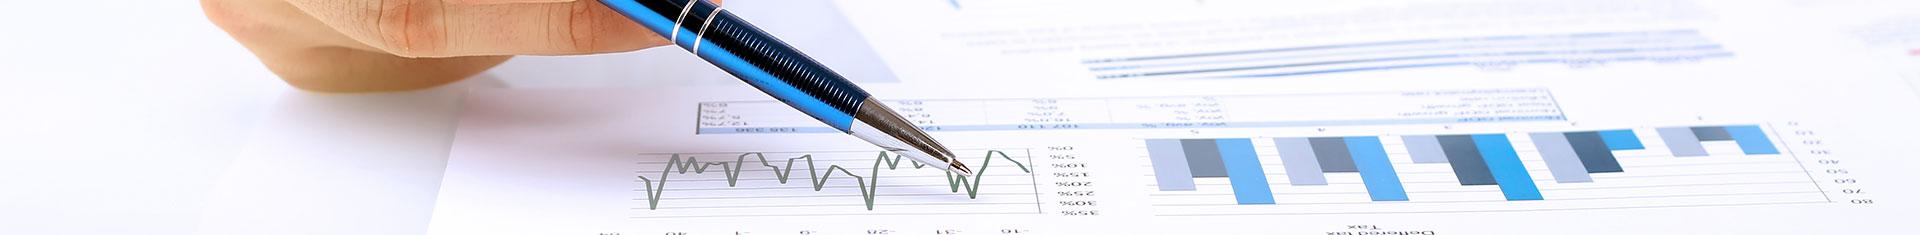 statistische Grafik auf einem Bildschirm; mit einem Kuli wird ein Punkt darin markiert